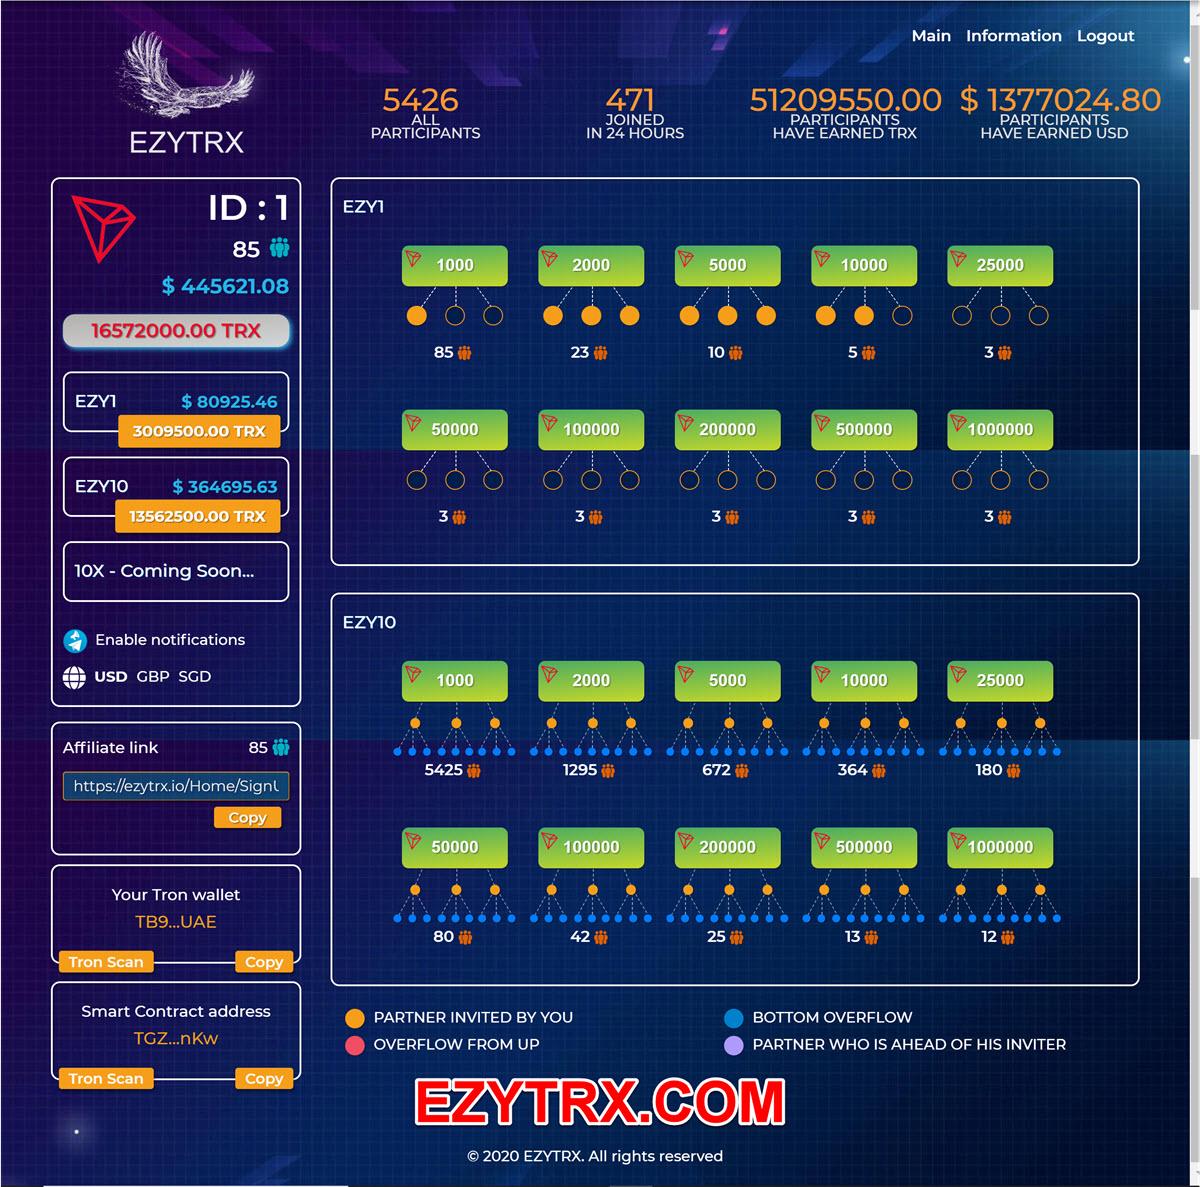 EZYTRX 5426 MEMBERS 1.377M COMMISSIONSX1200